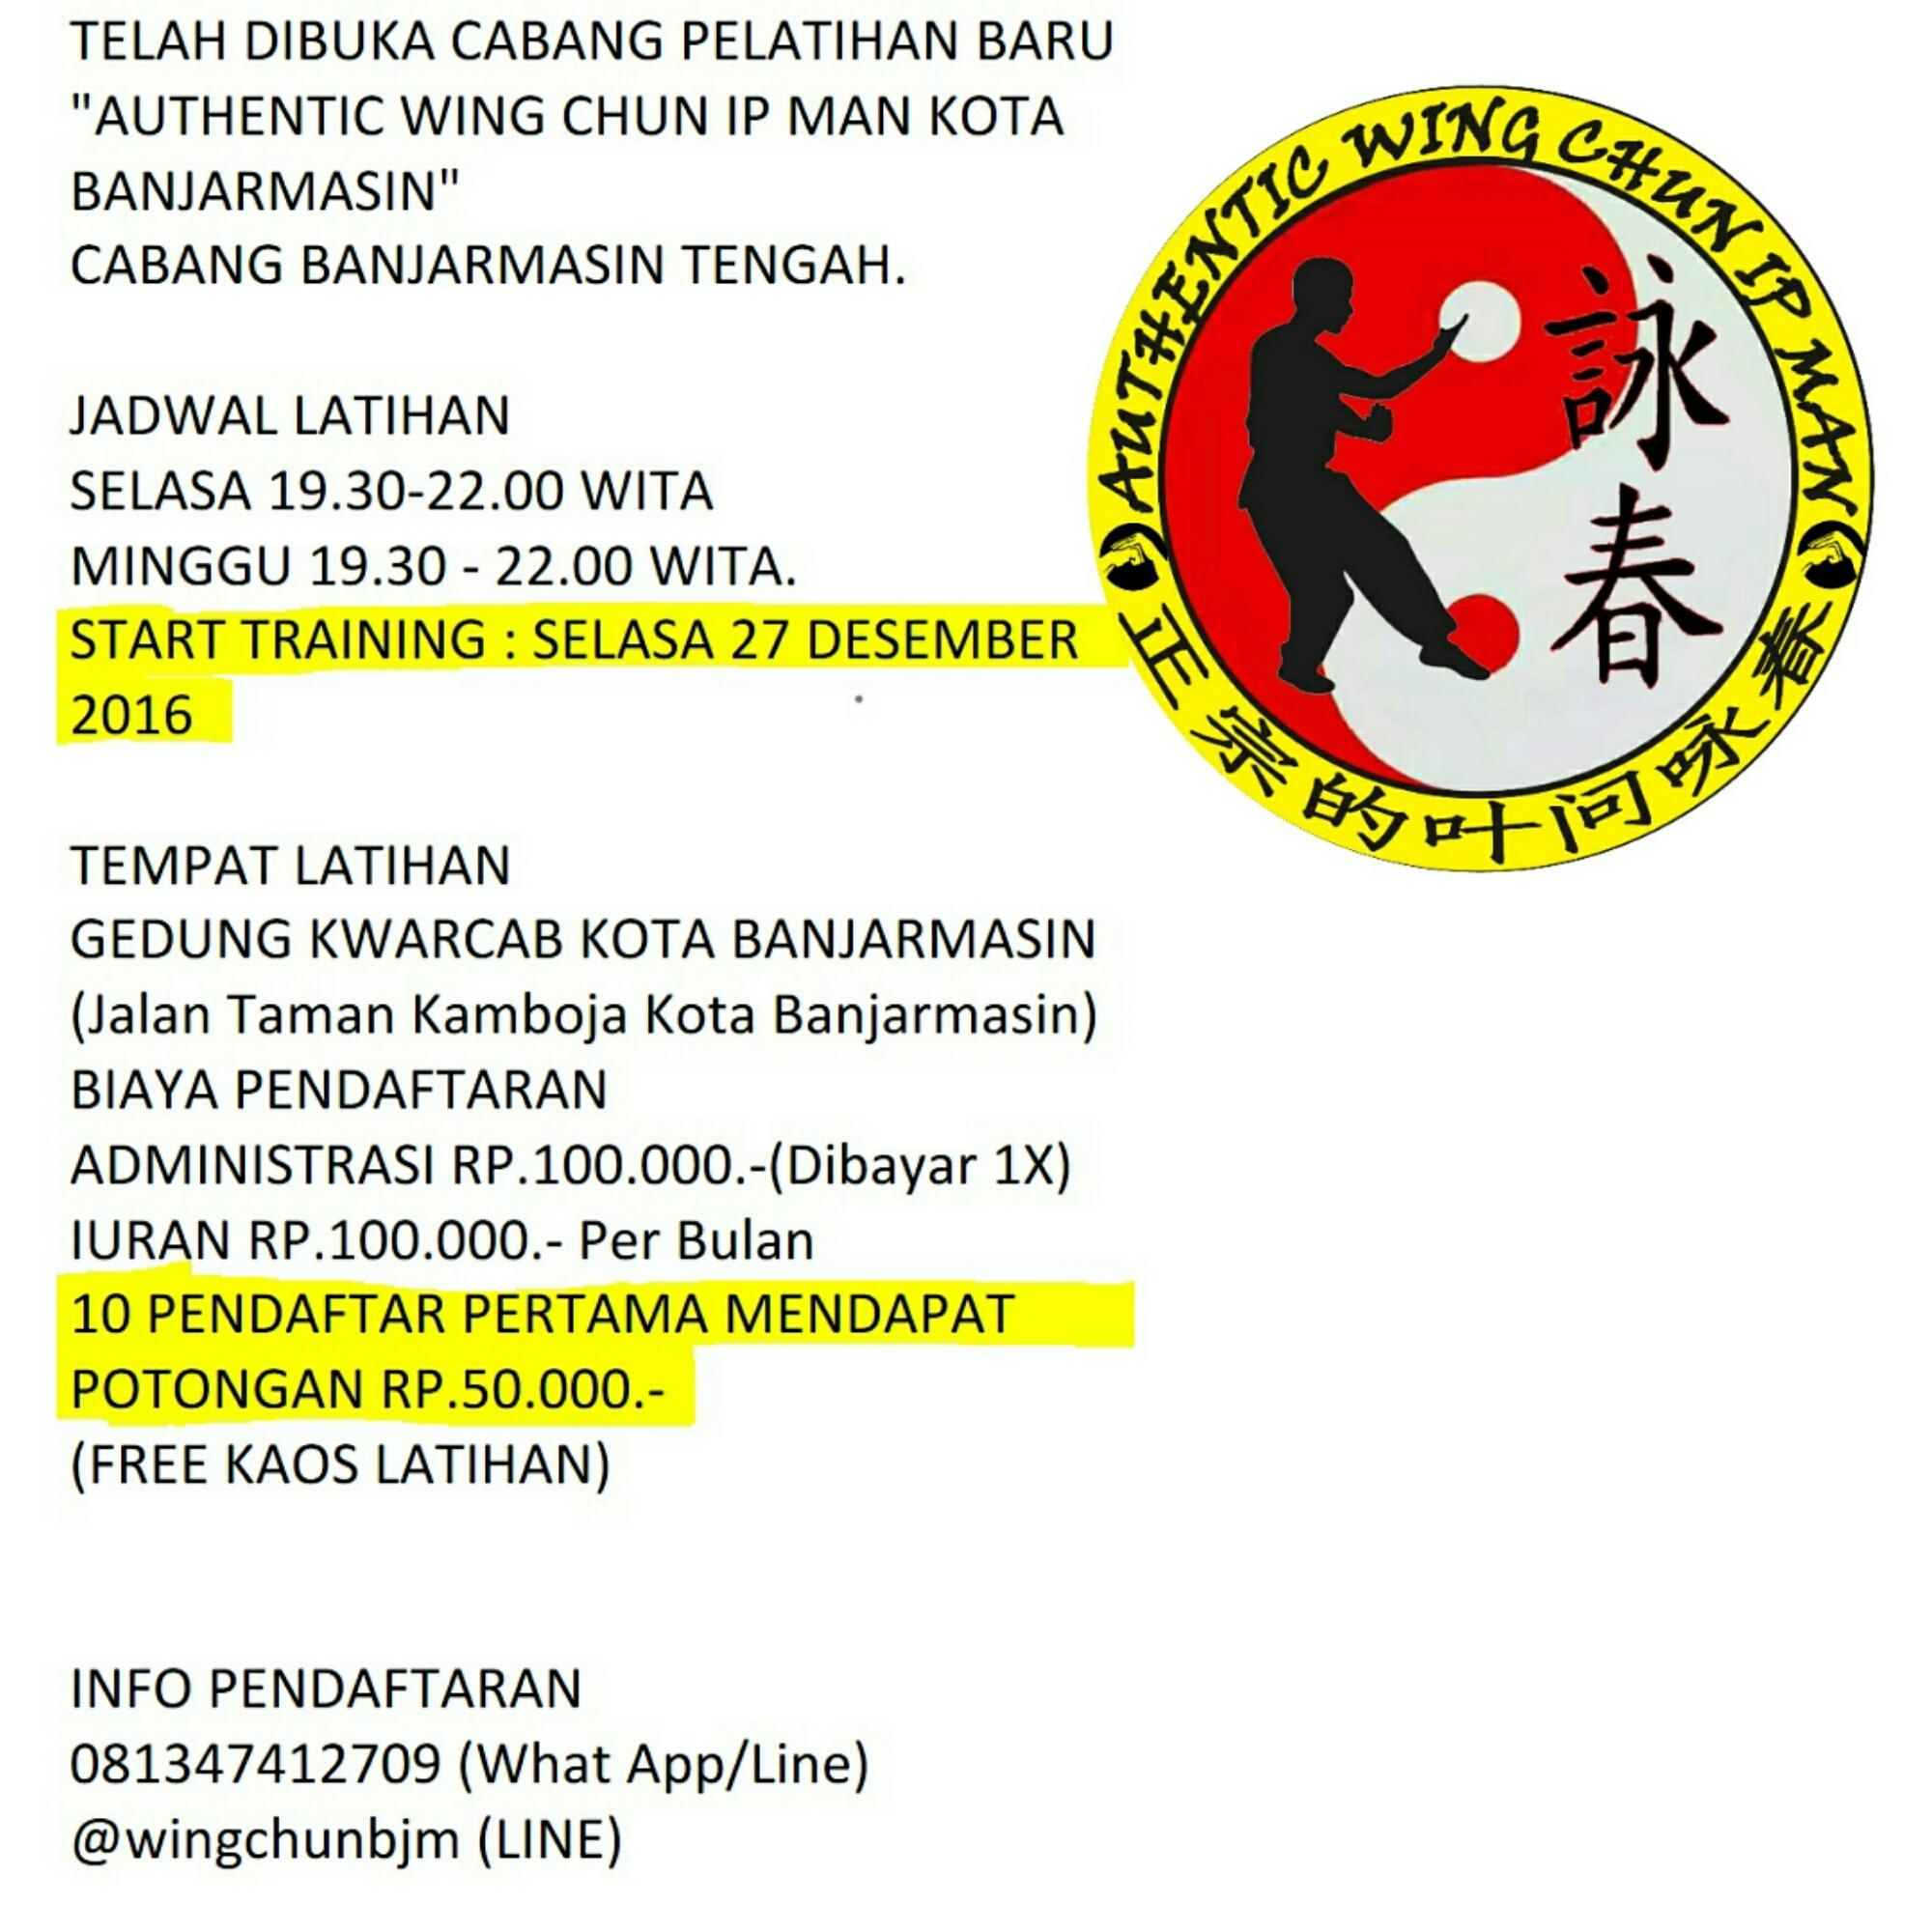 Authentic Wing Chun Ip Man Indonesia Penerimaan Anggota Cabang Banjarmasin